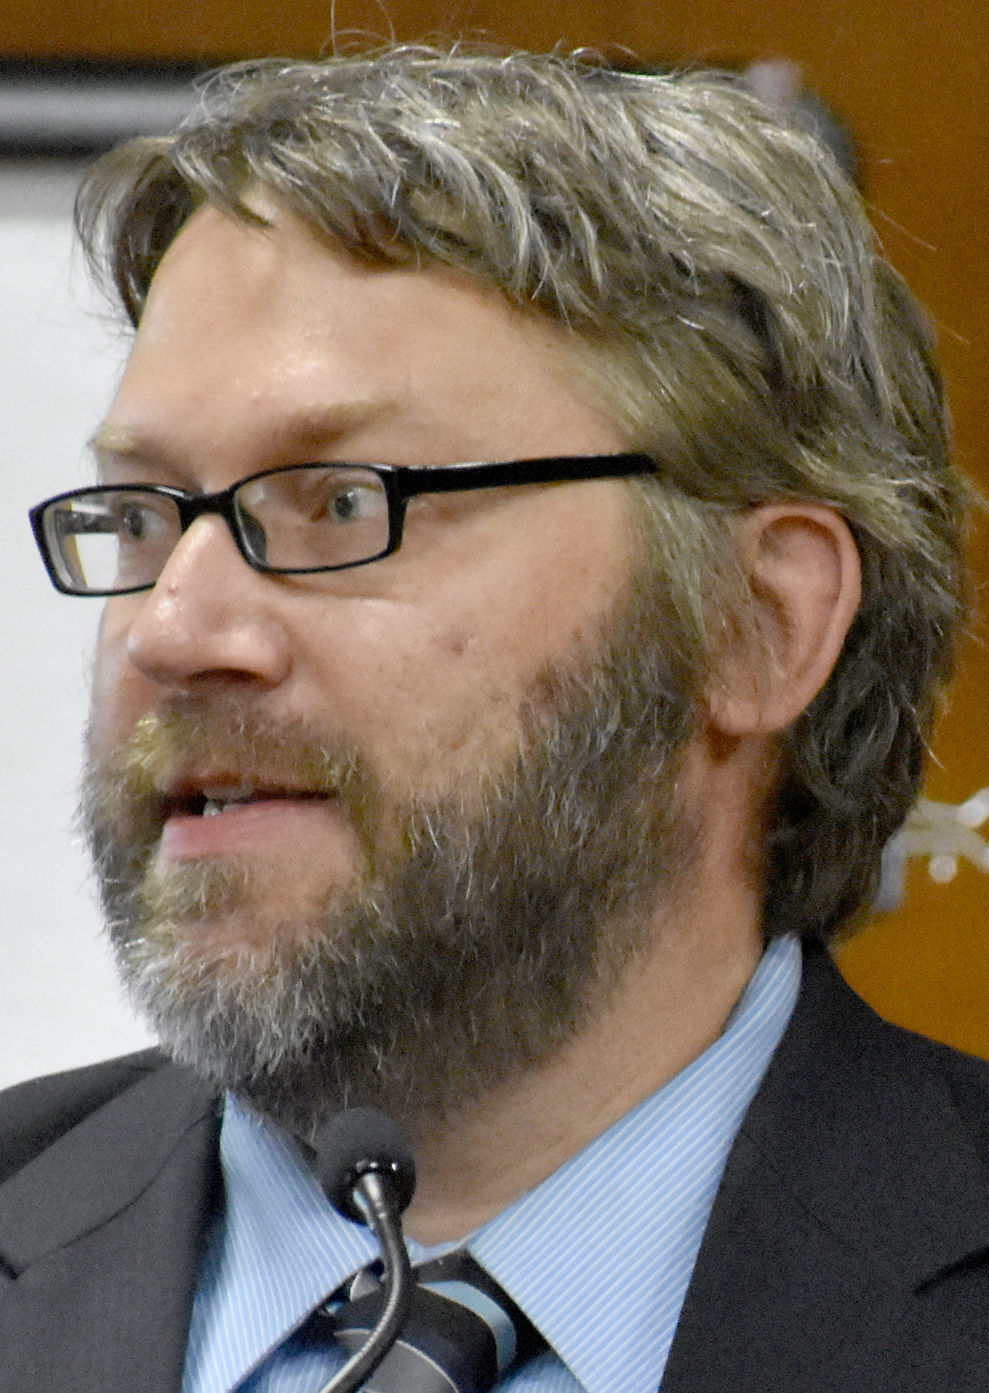 Michael Knutsen testifies in court